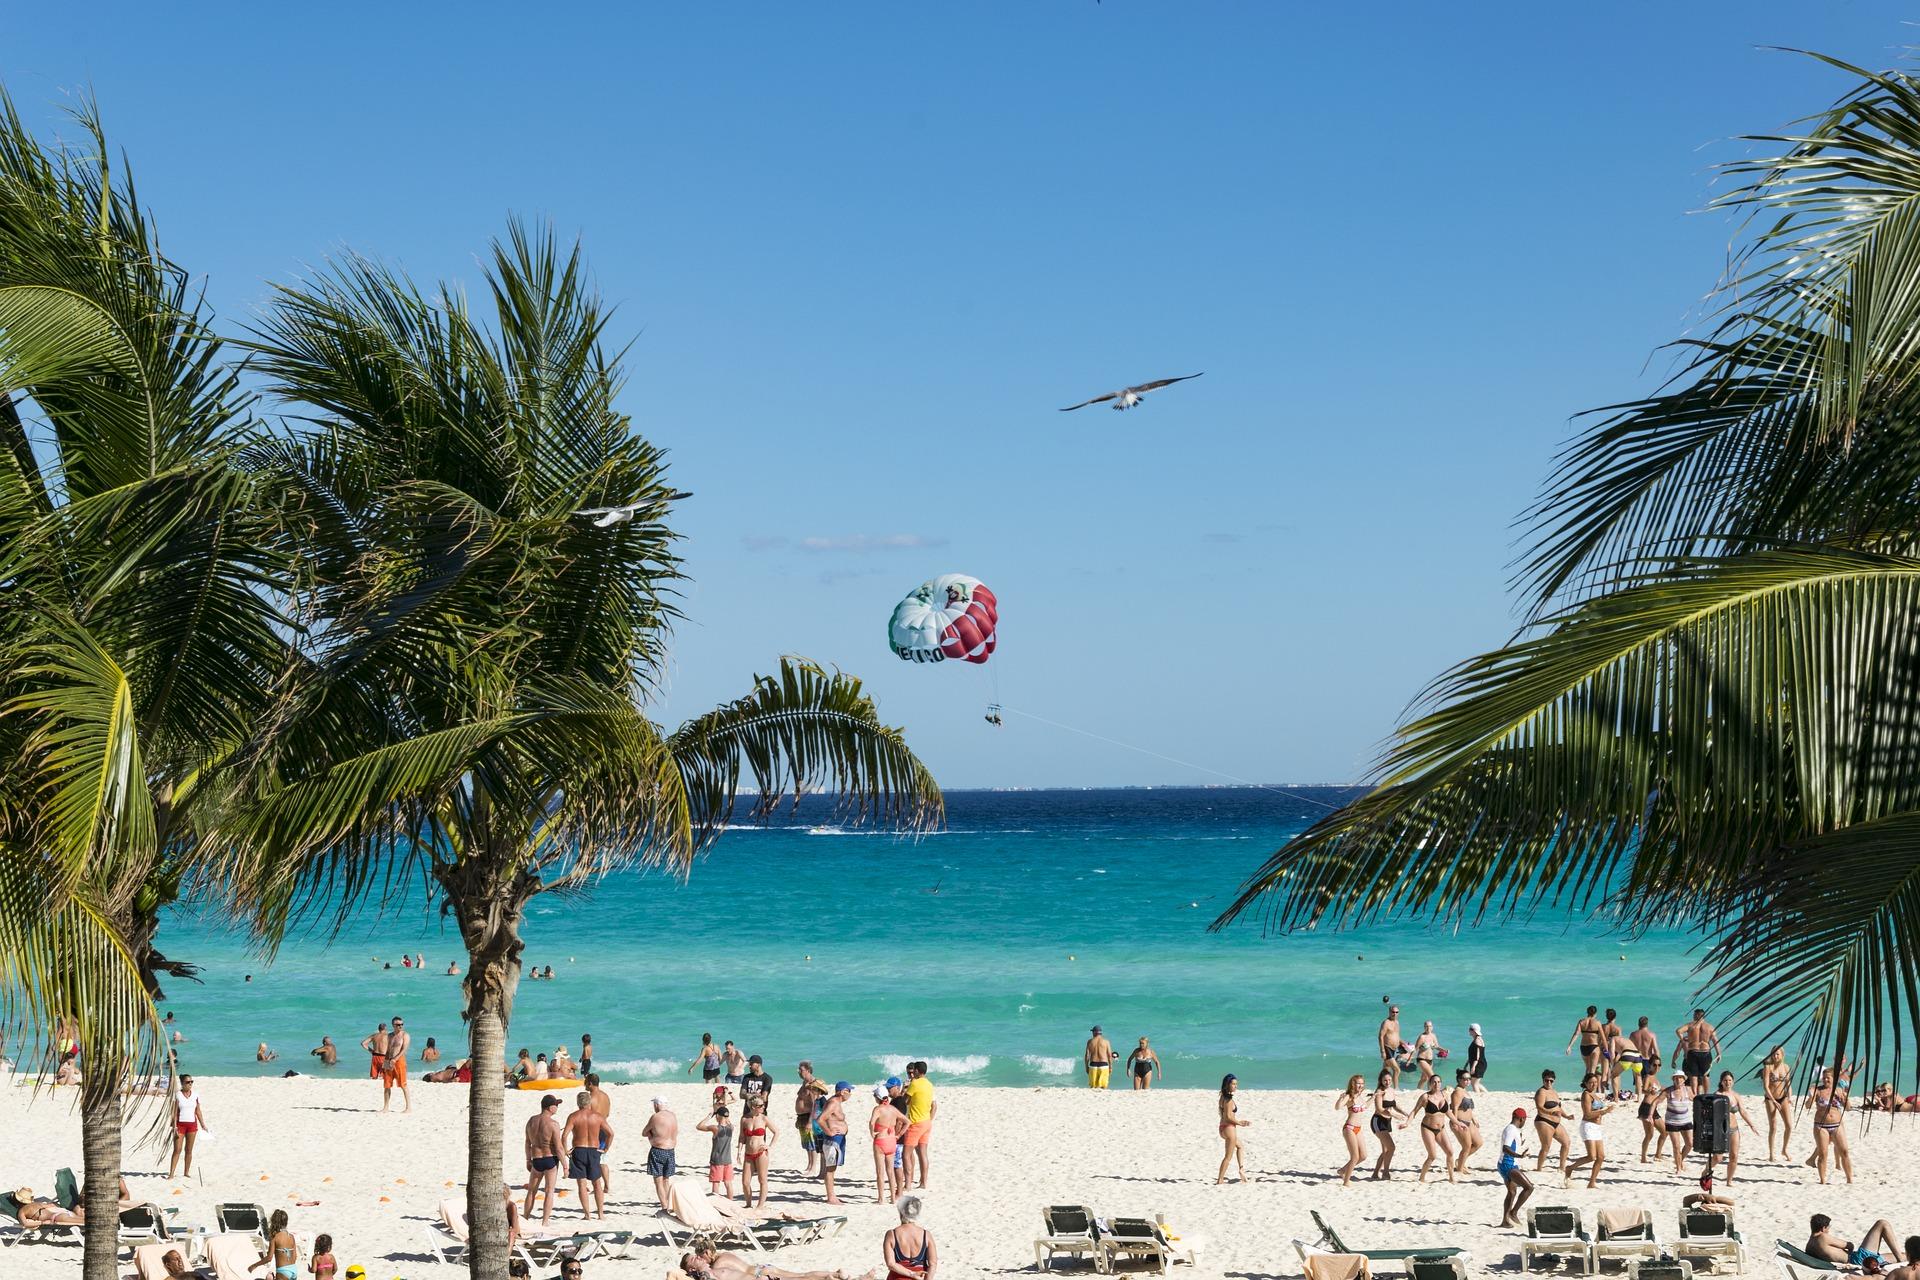 Strand mit vielen Leuten, links und rechts Palmen. In der Mitte ein Windsegler und ein Vogel.